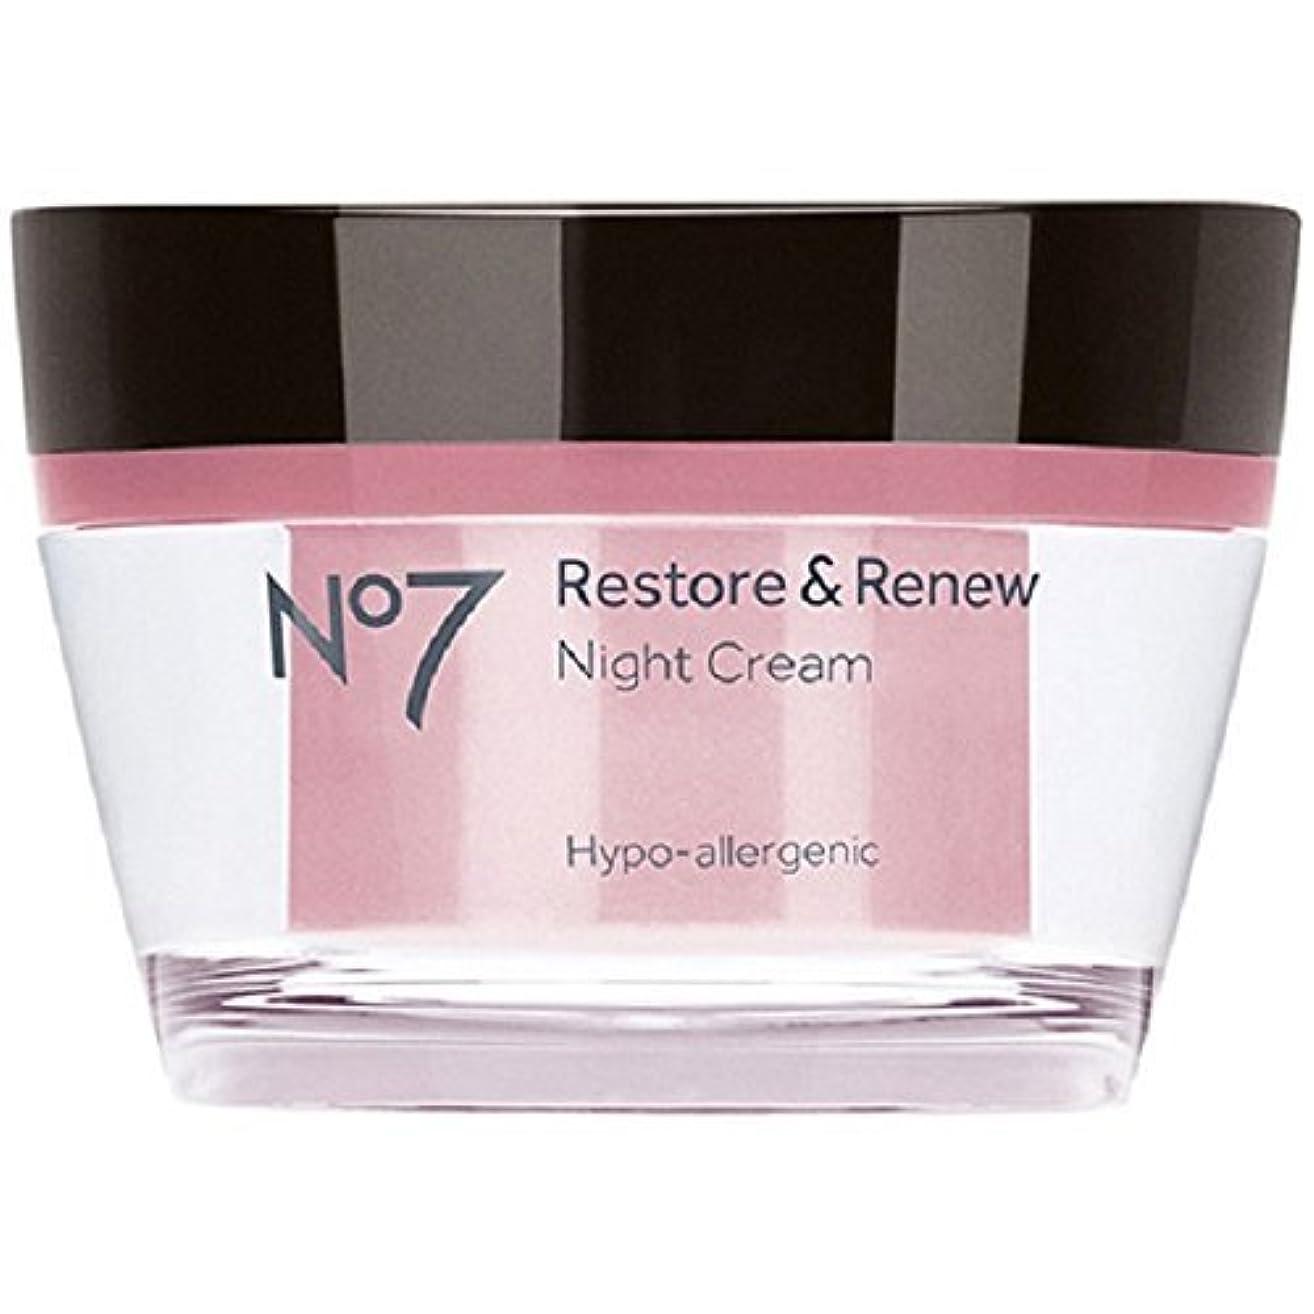 No7 Restore and Renew Night Cream - 1.6  oz